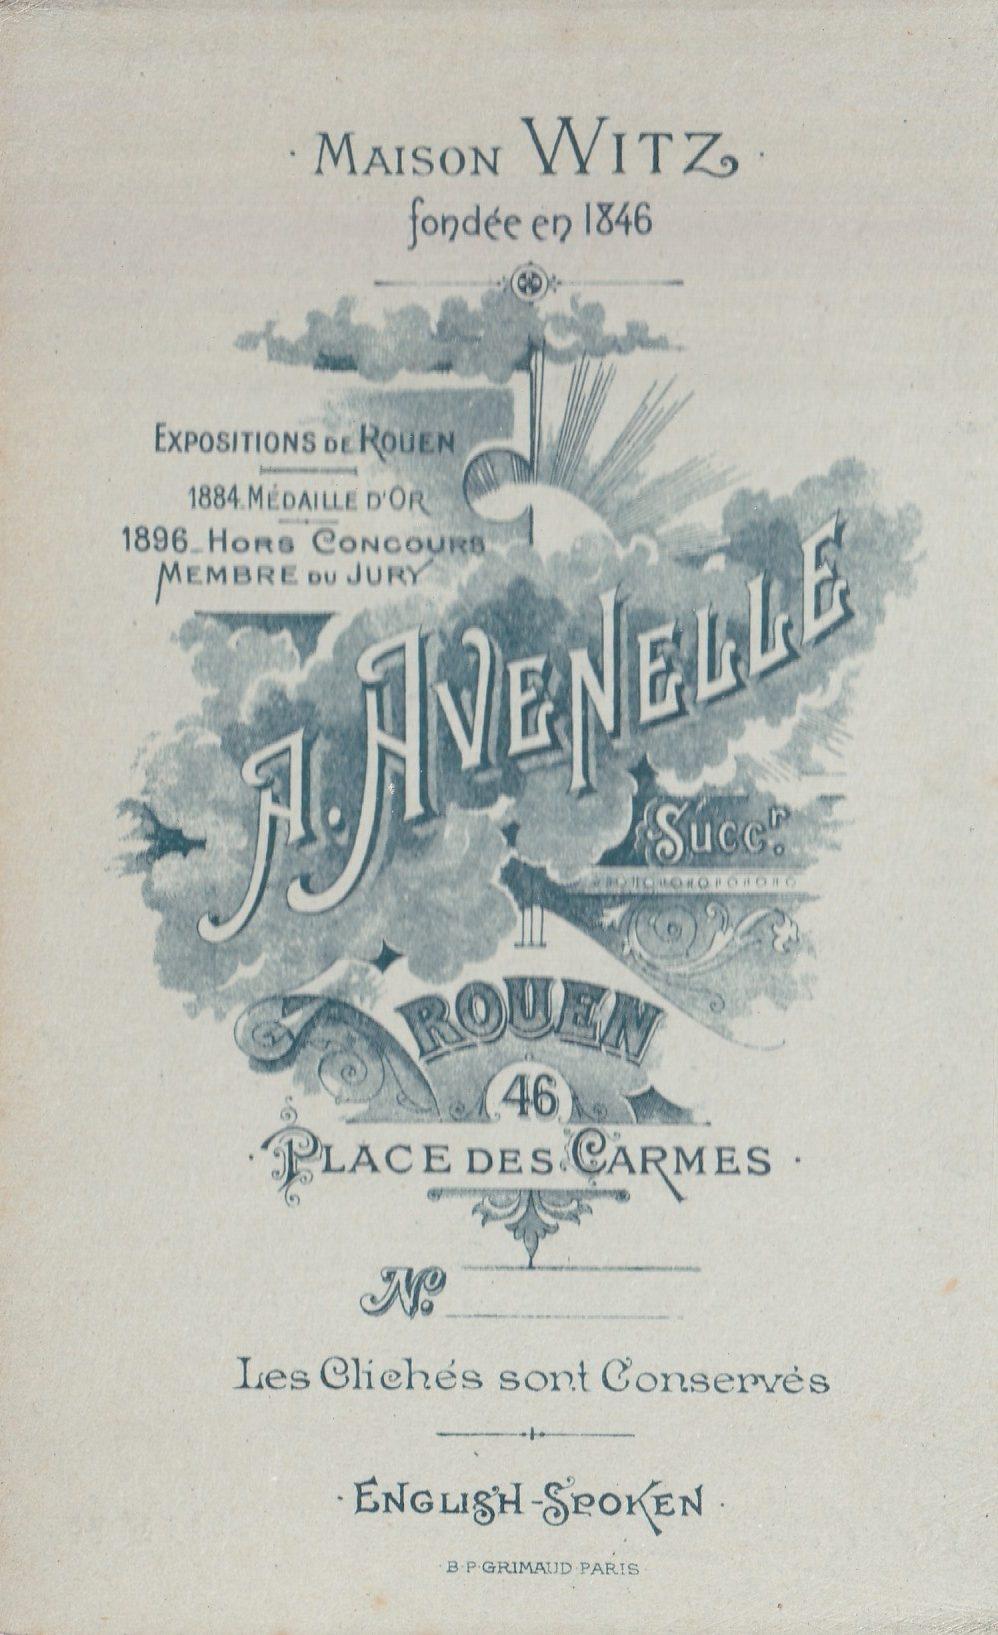 Album bfn Renée peut être Avenelle page  photo  verso rotated